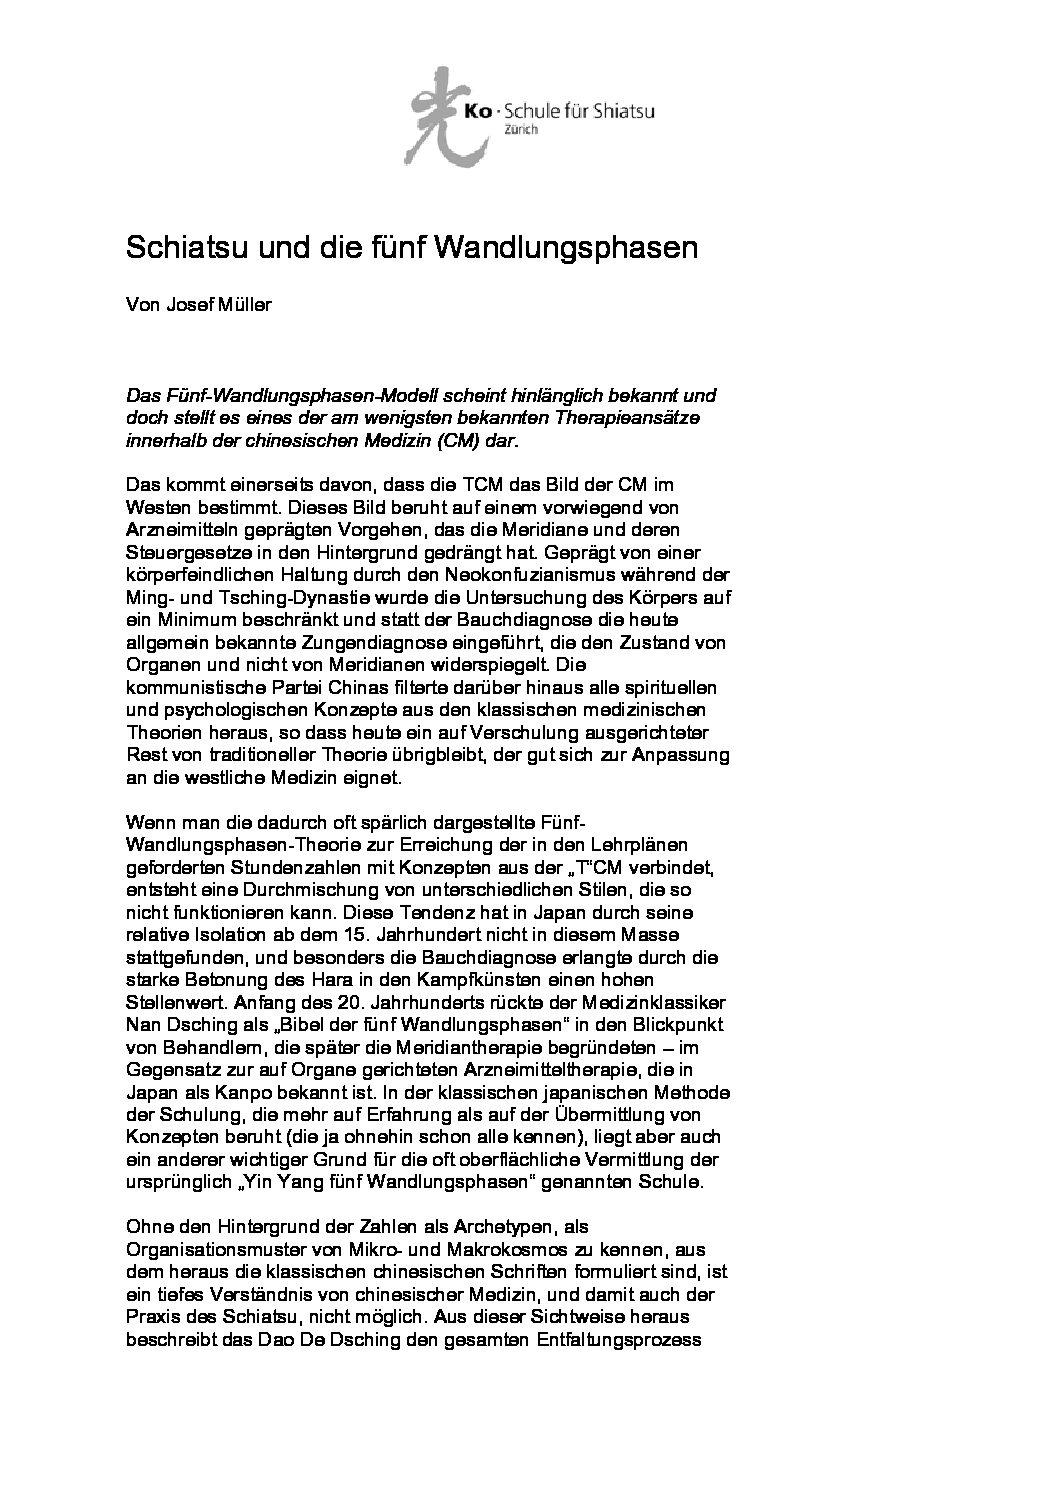 Schiatsu und die fünf Wandlungsphasen (August 2009)